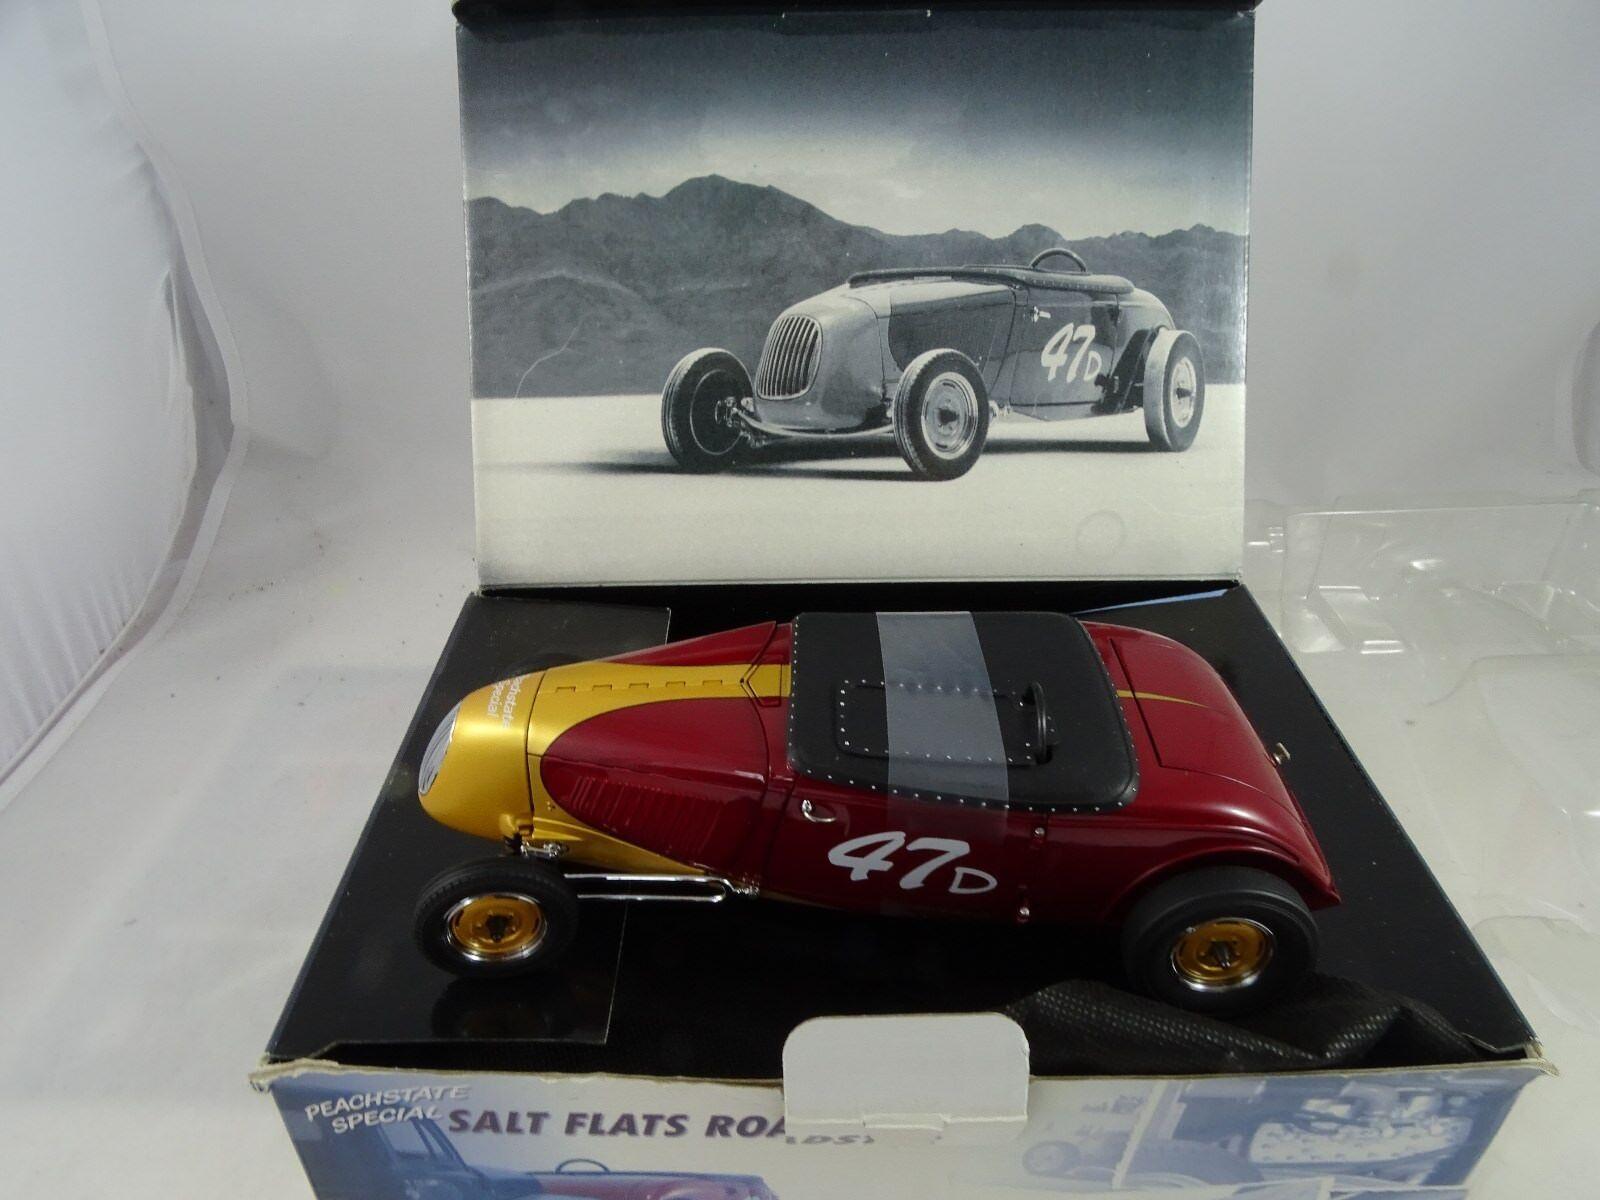 1 18 GMP 1802803 1802803 1802803 Peachstate Special Salt Flats Roadster D Lmtd.Ed.1 1000-RAR§ 21d10a